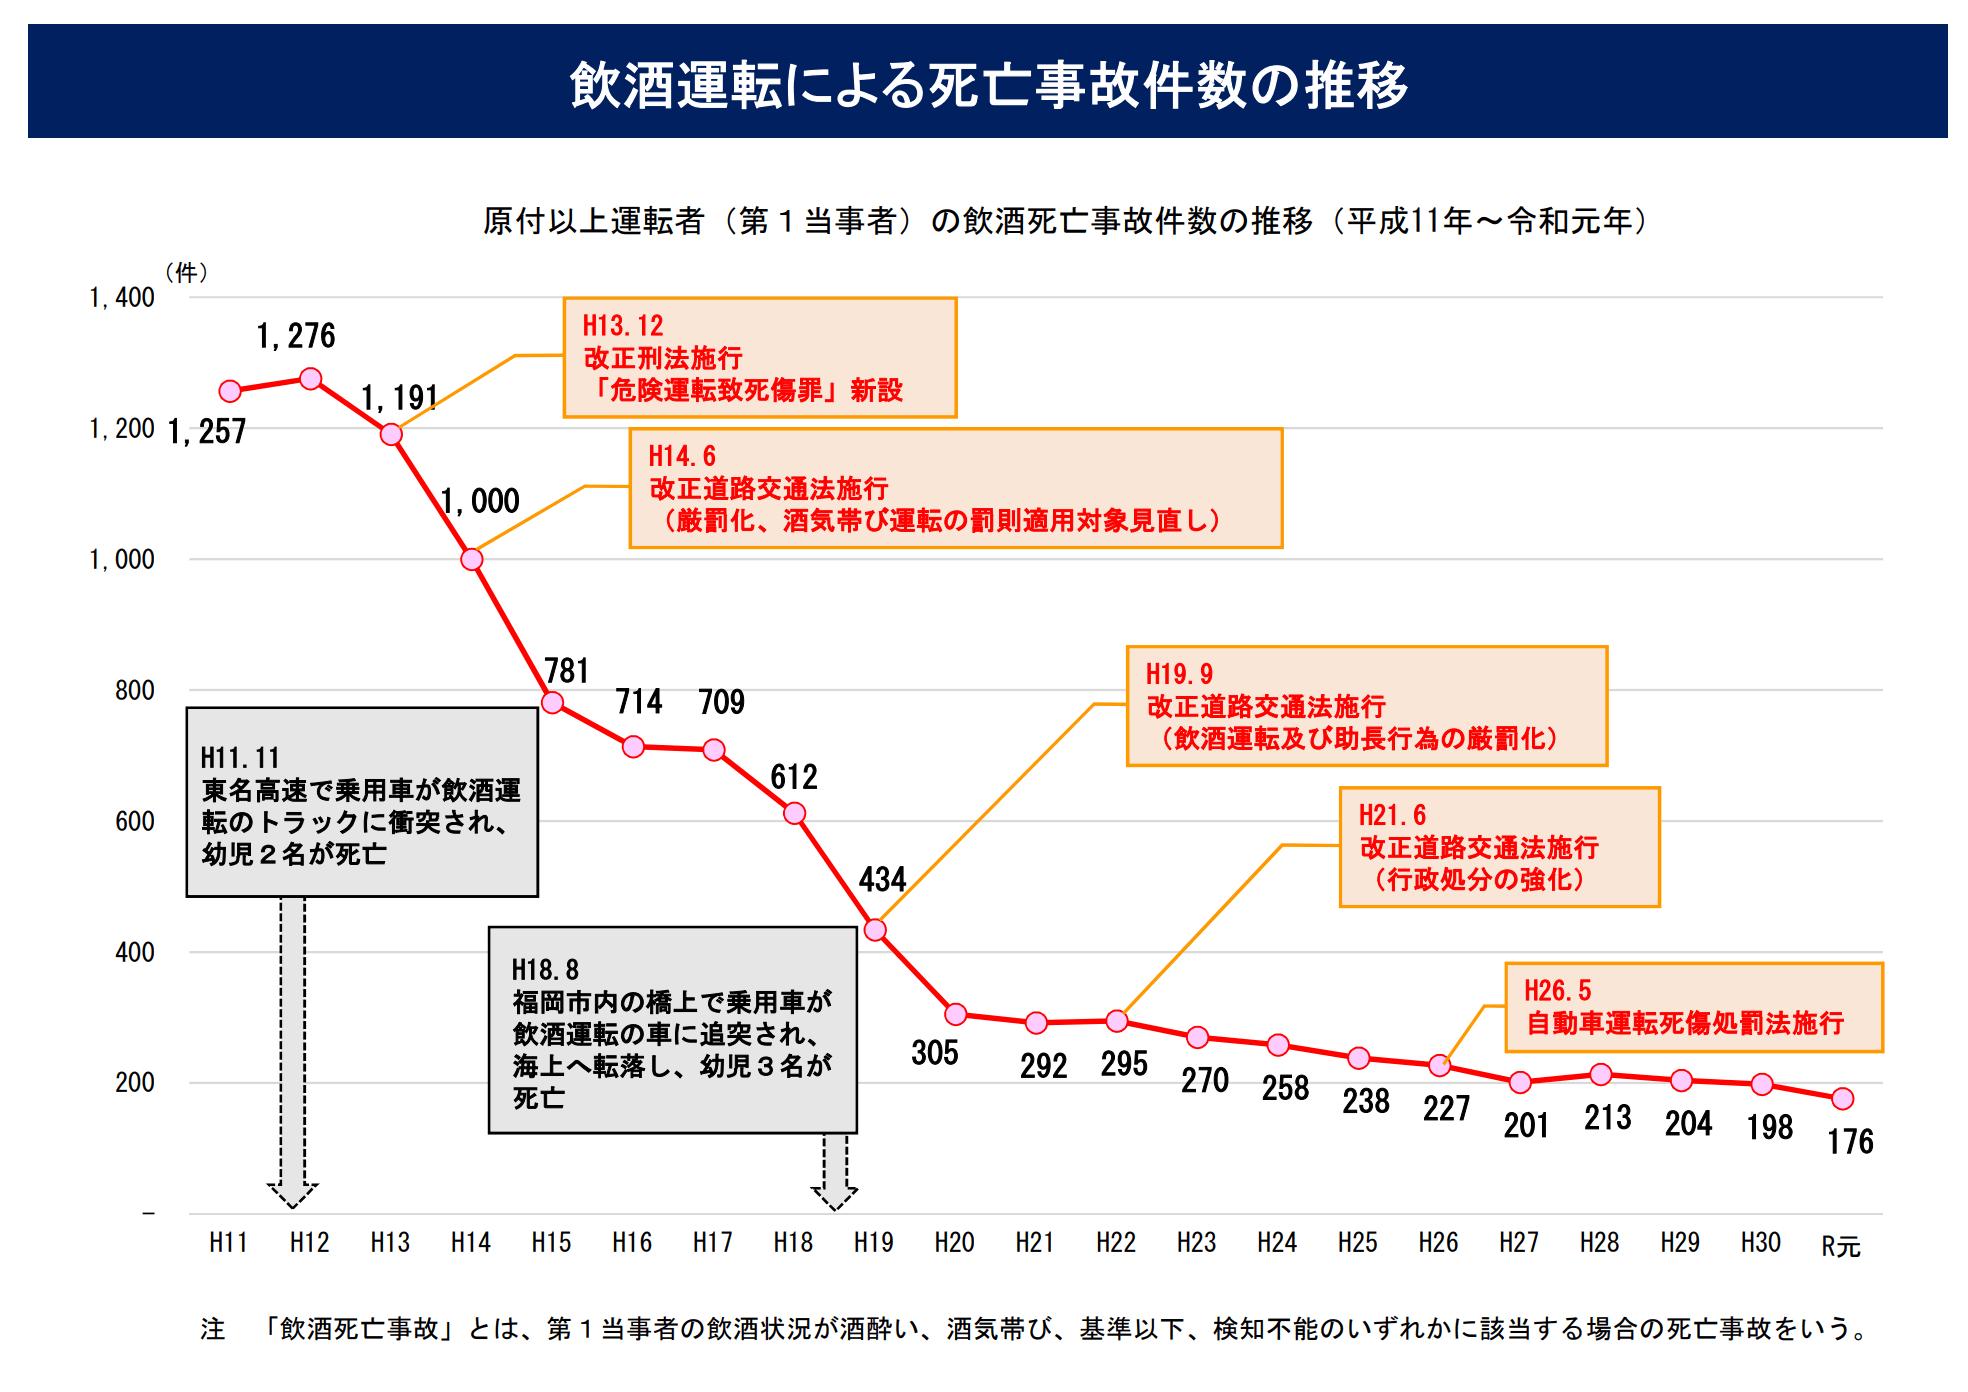 死亡事故の件数推移グラフ(出典:警察庁)